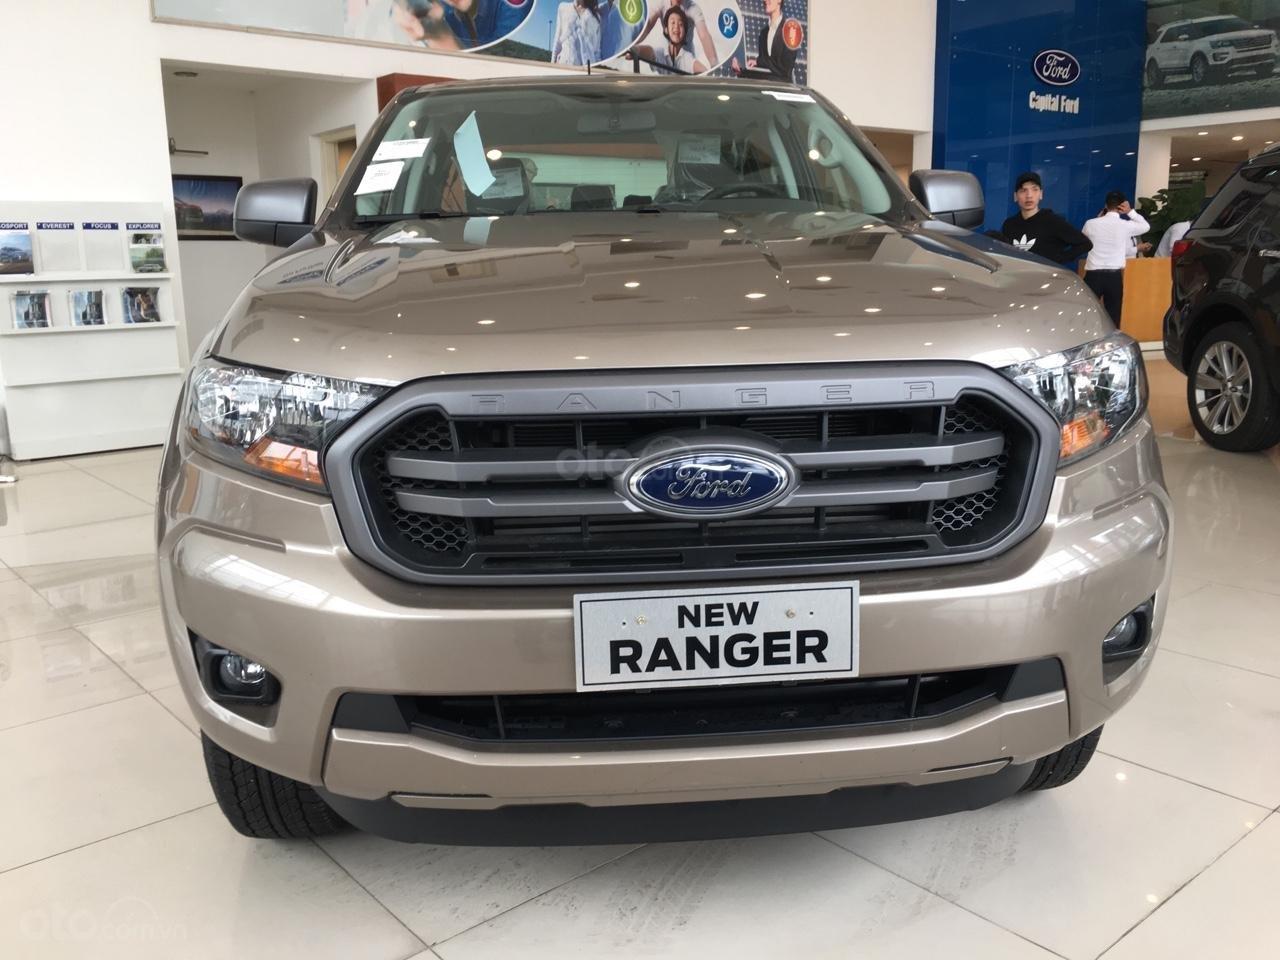 Ford Thủ Đô bán xe Ford Ranger các phiên bản: XLS MT, XLS AT, XLT, Wildtrak đủ màu, khuyến mại lên đến 60tr-3